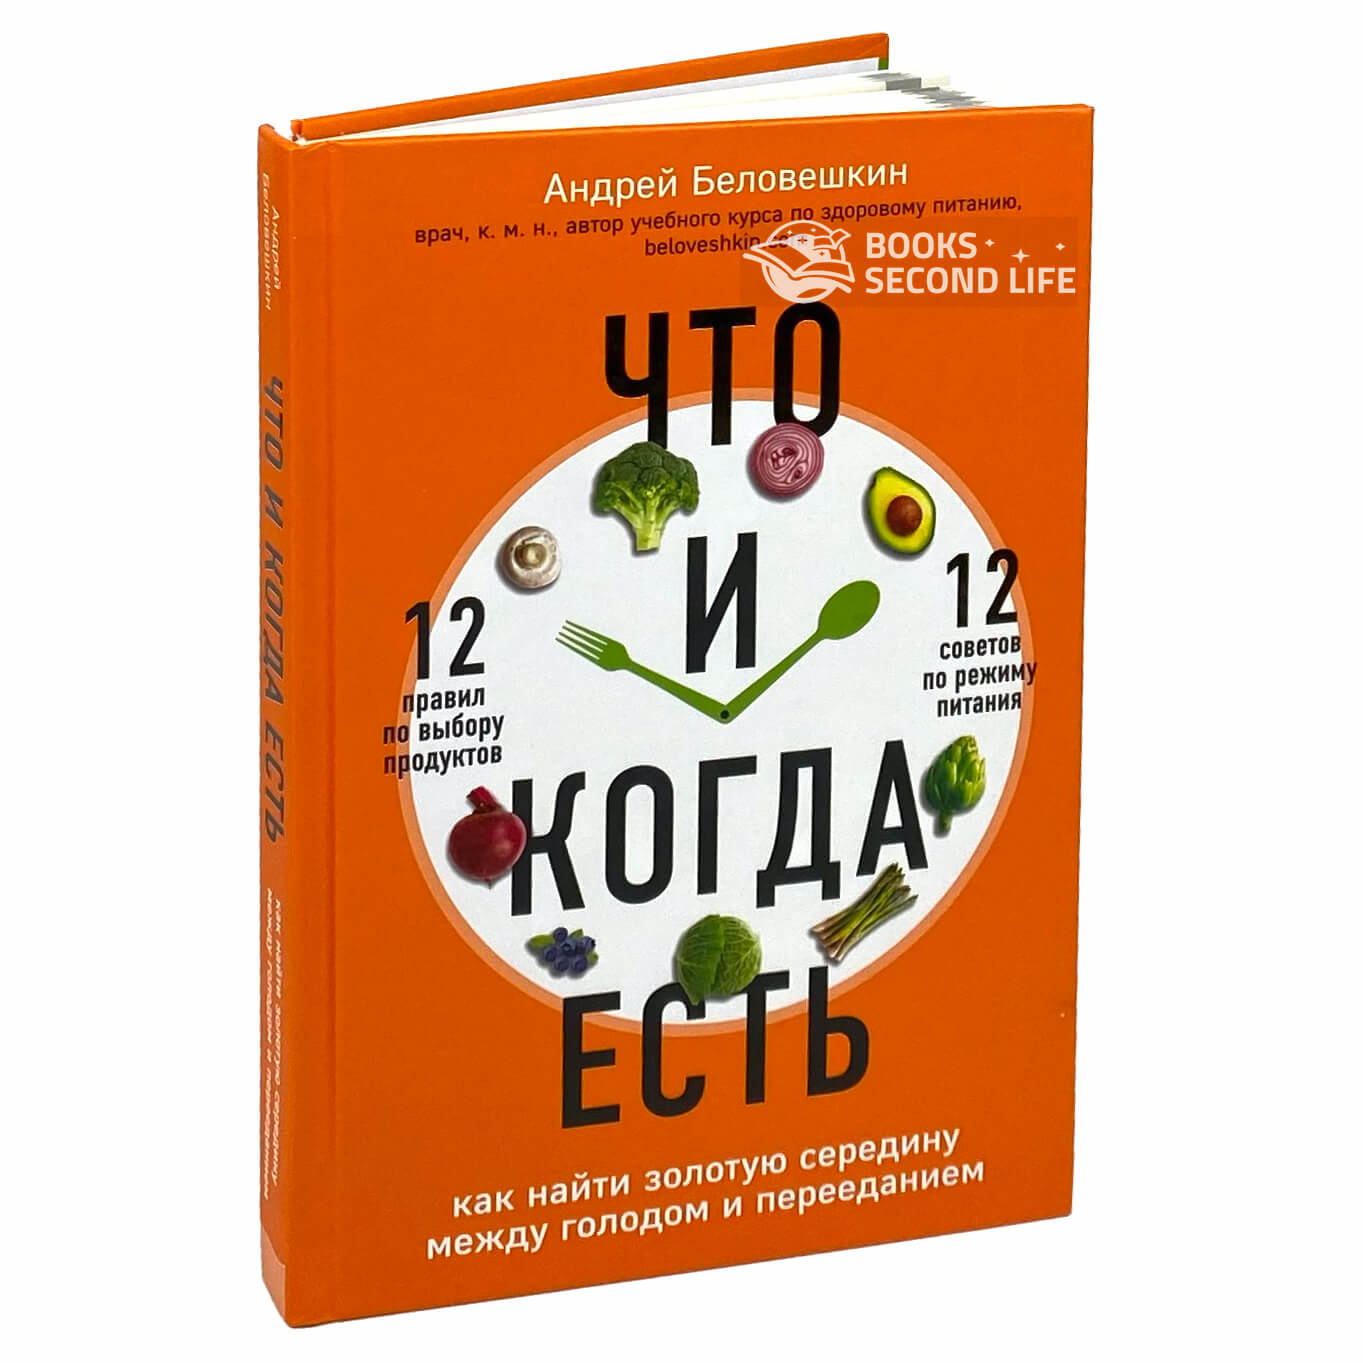 Что и когда есть. Как найти золотую середину между голодом и перееданием. Автор — Андрей Беловешкин. Переплет —